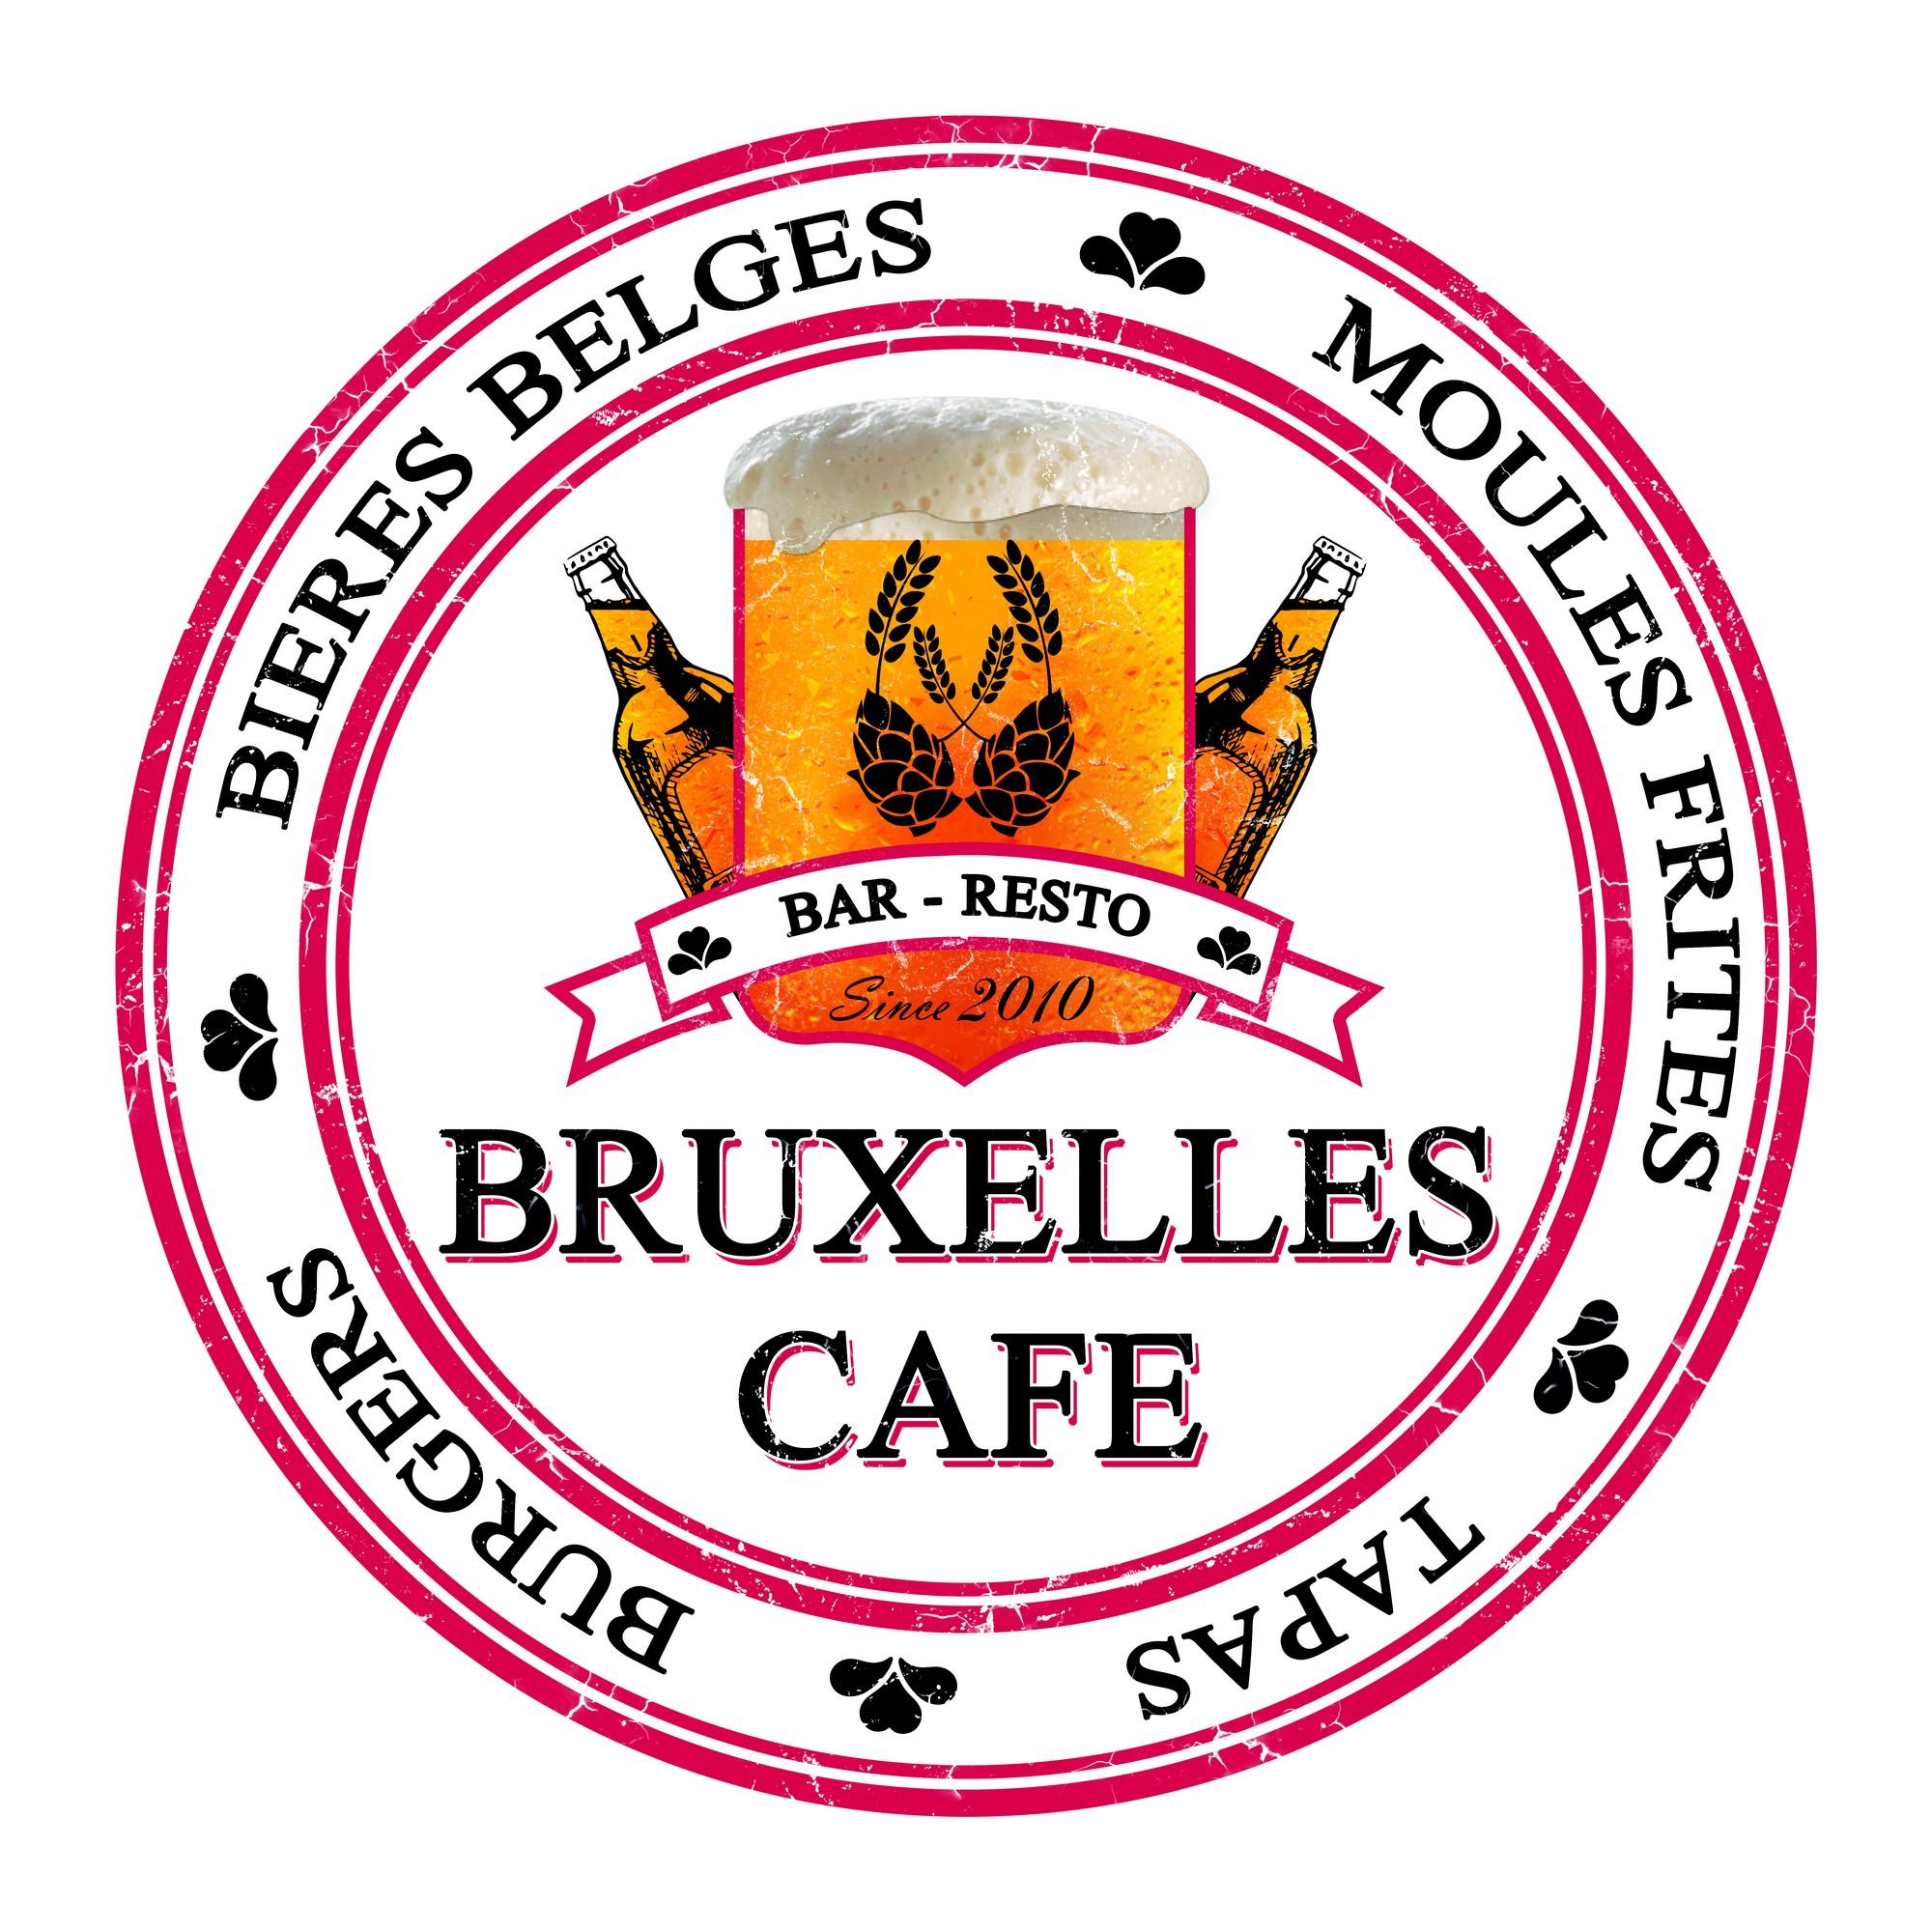 Bruxelles Café